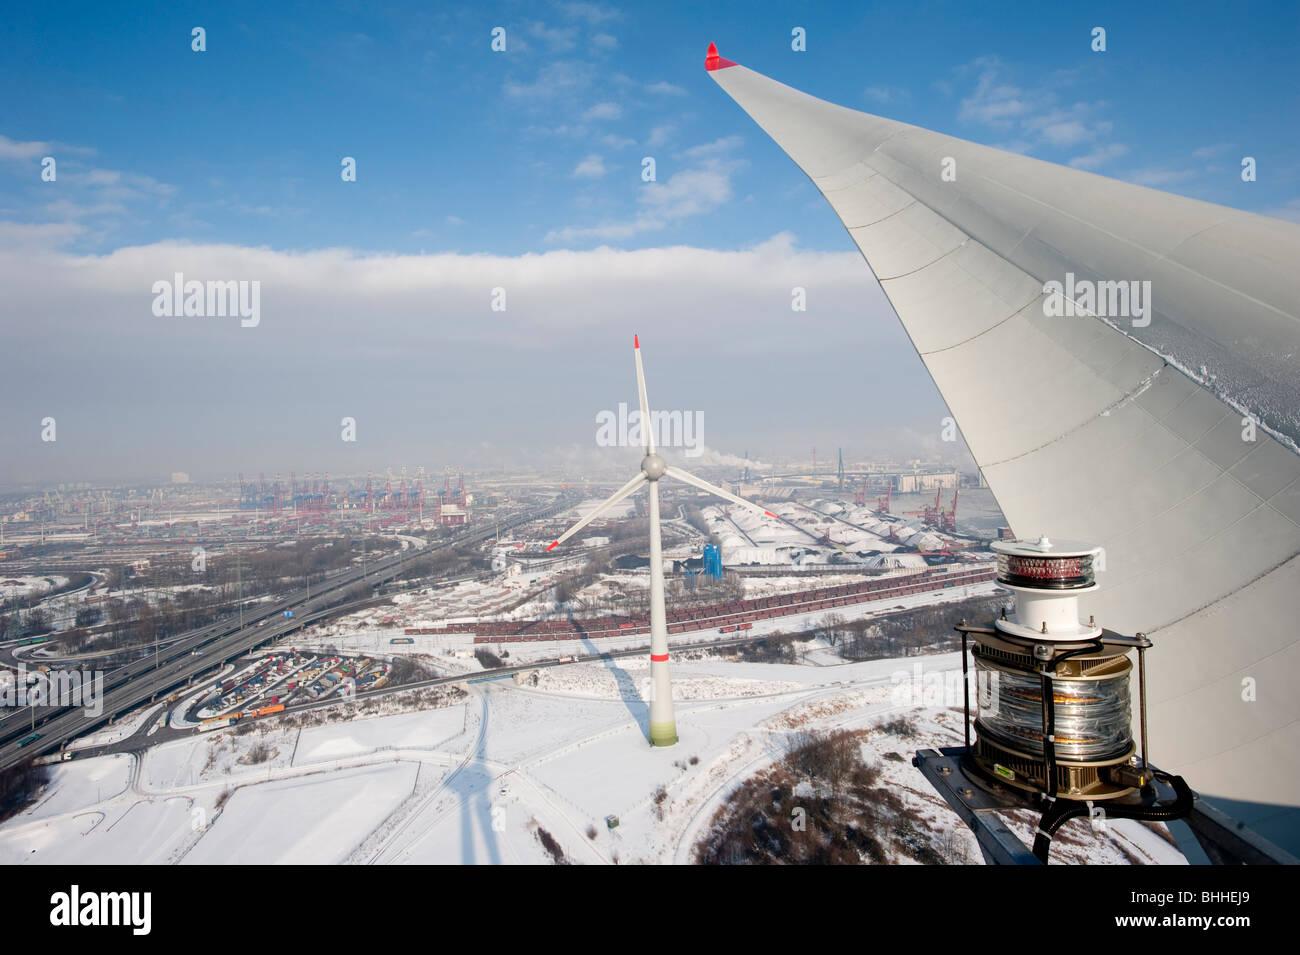 Germania Amburgo - Enercon turbina eolica E-126 con 6 MW nel porto e vista sulla città di Amburgo Immagini Stock